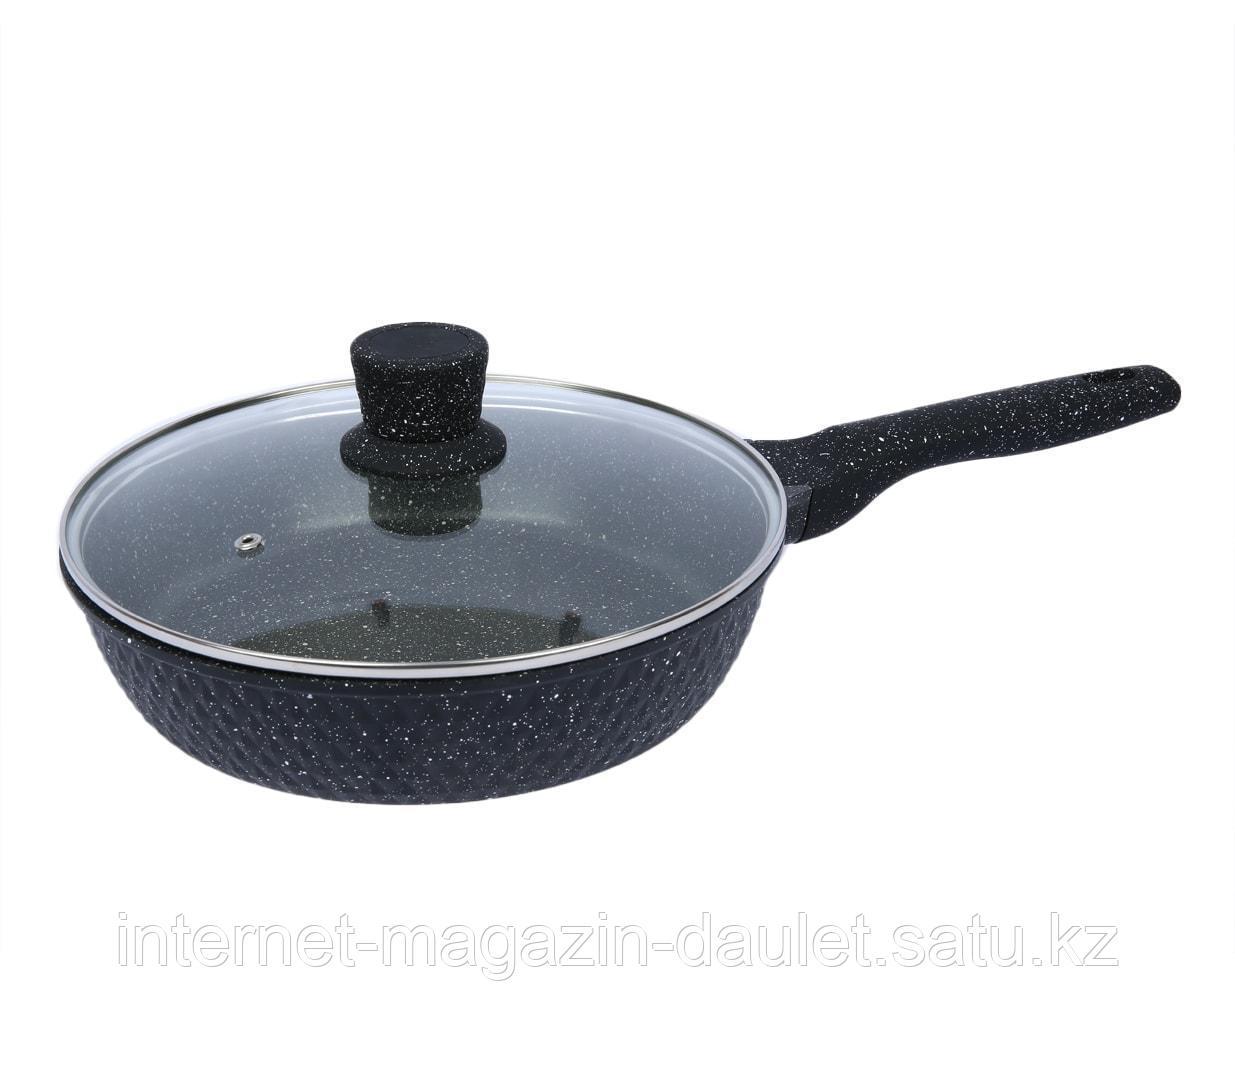 Сковорода VAKEN ORIGINAL 28см